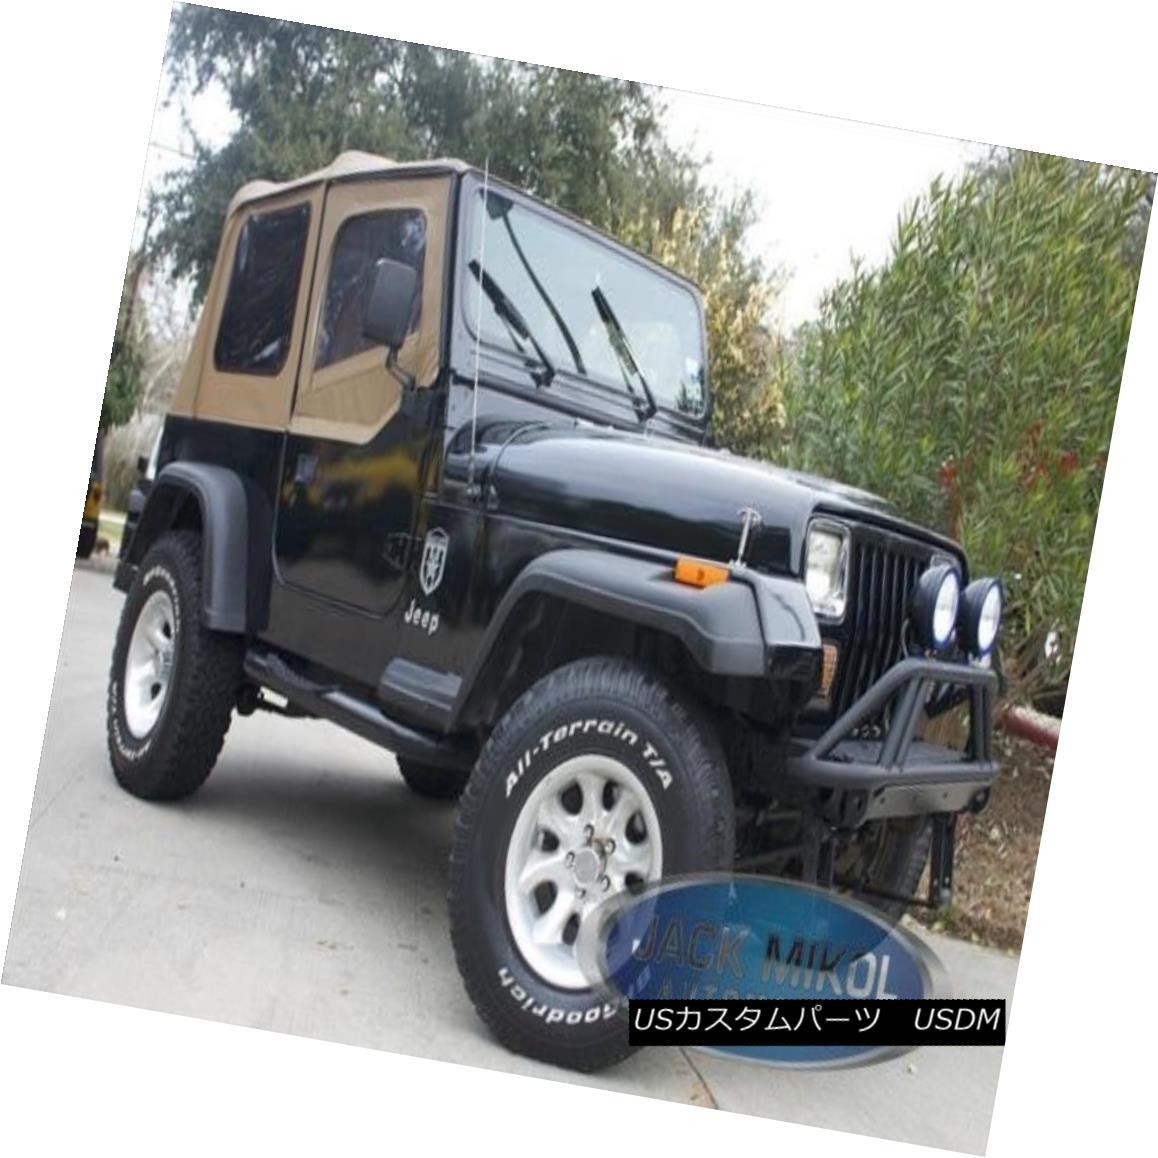 幌・ソフトトップ Spice Replacement Soft Top 88-95 Jeep Wrangler + Free Grab Handles スパイス交換ソフトトップ88-95ジープラングラー+フリーグラブハンドル